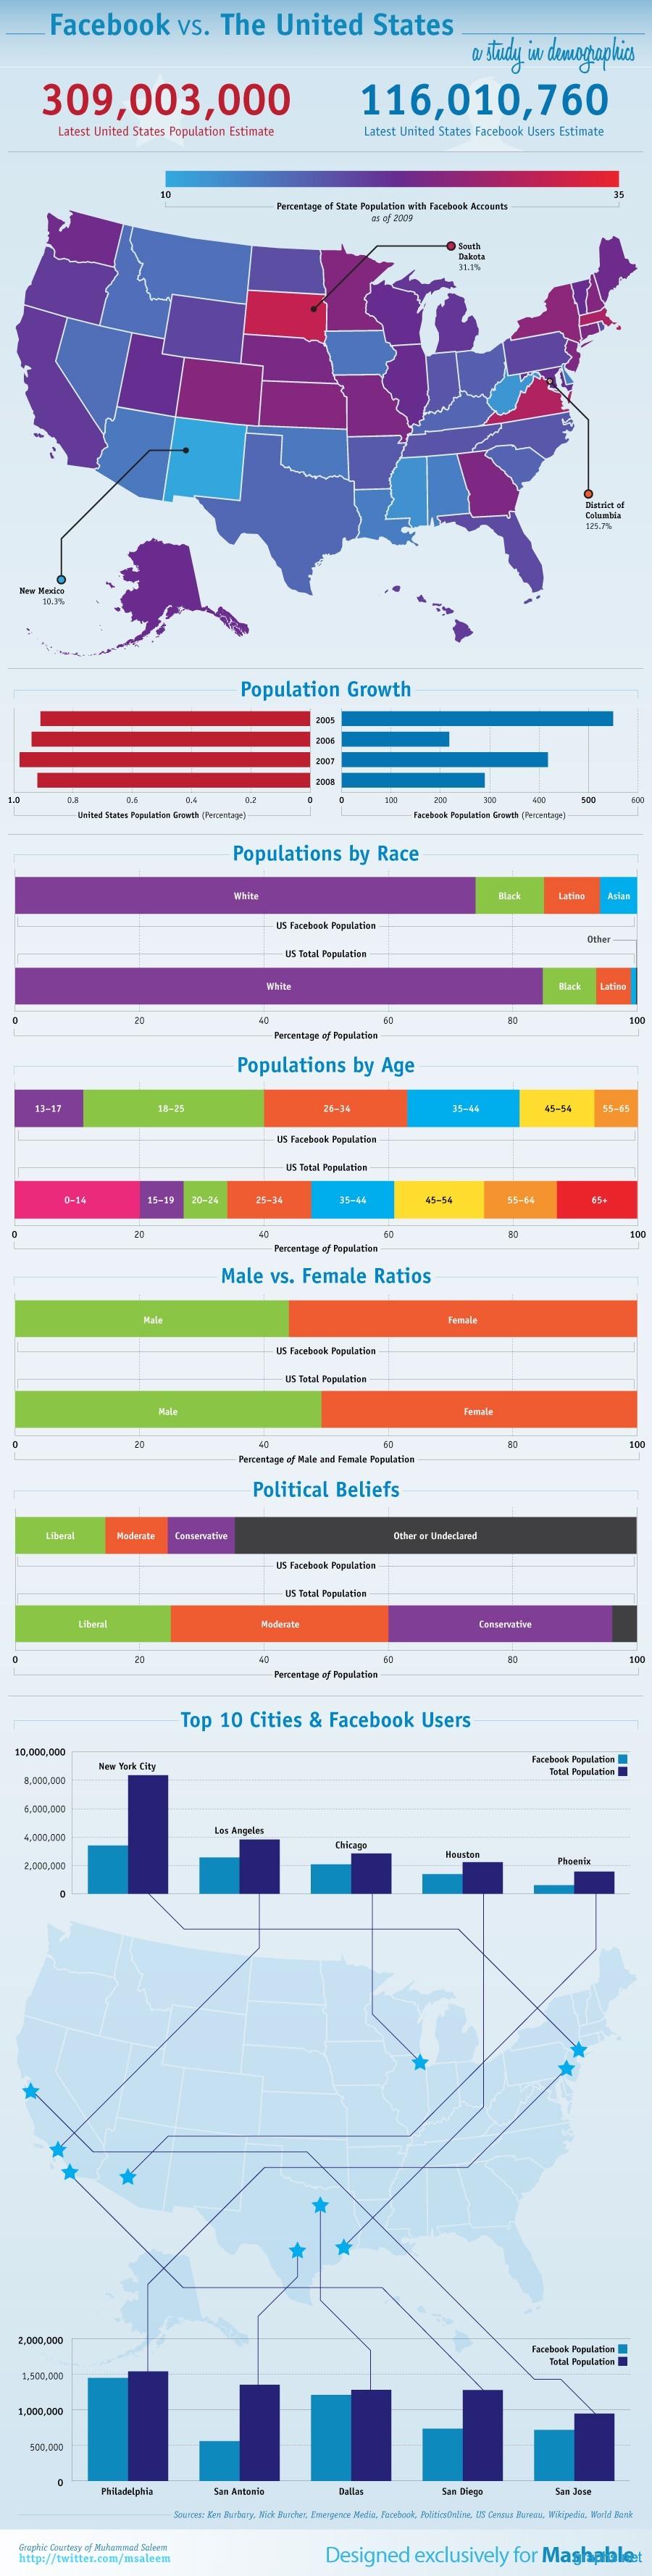 Demographics of U.S Facebook Users